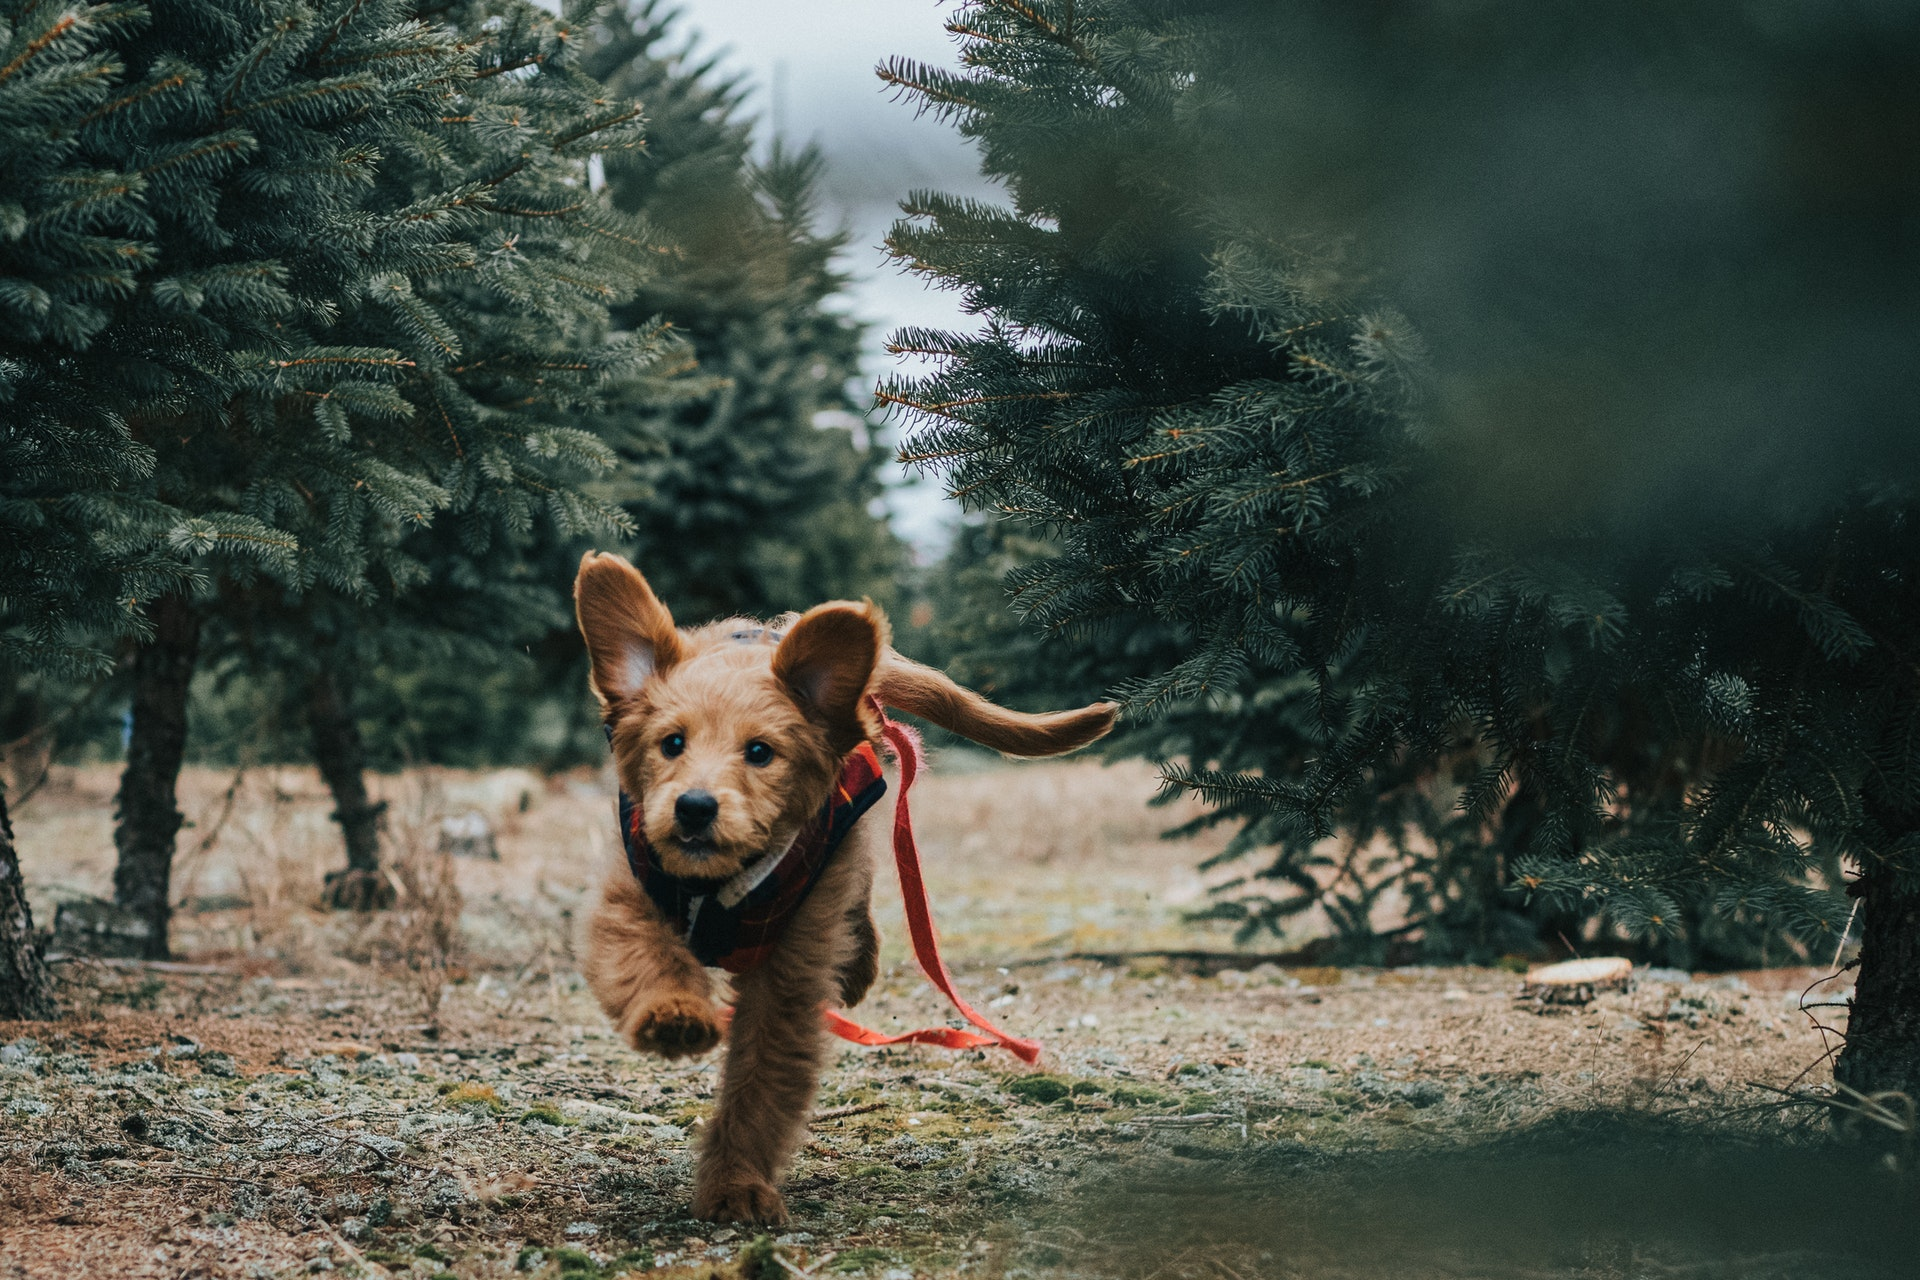 download wallpaper: hondje tussen de kerstbomen wallpaper